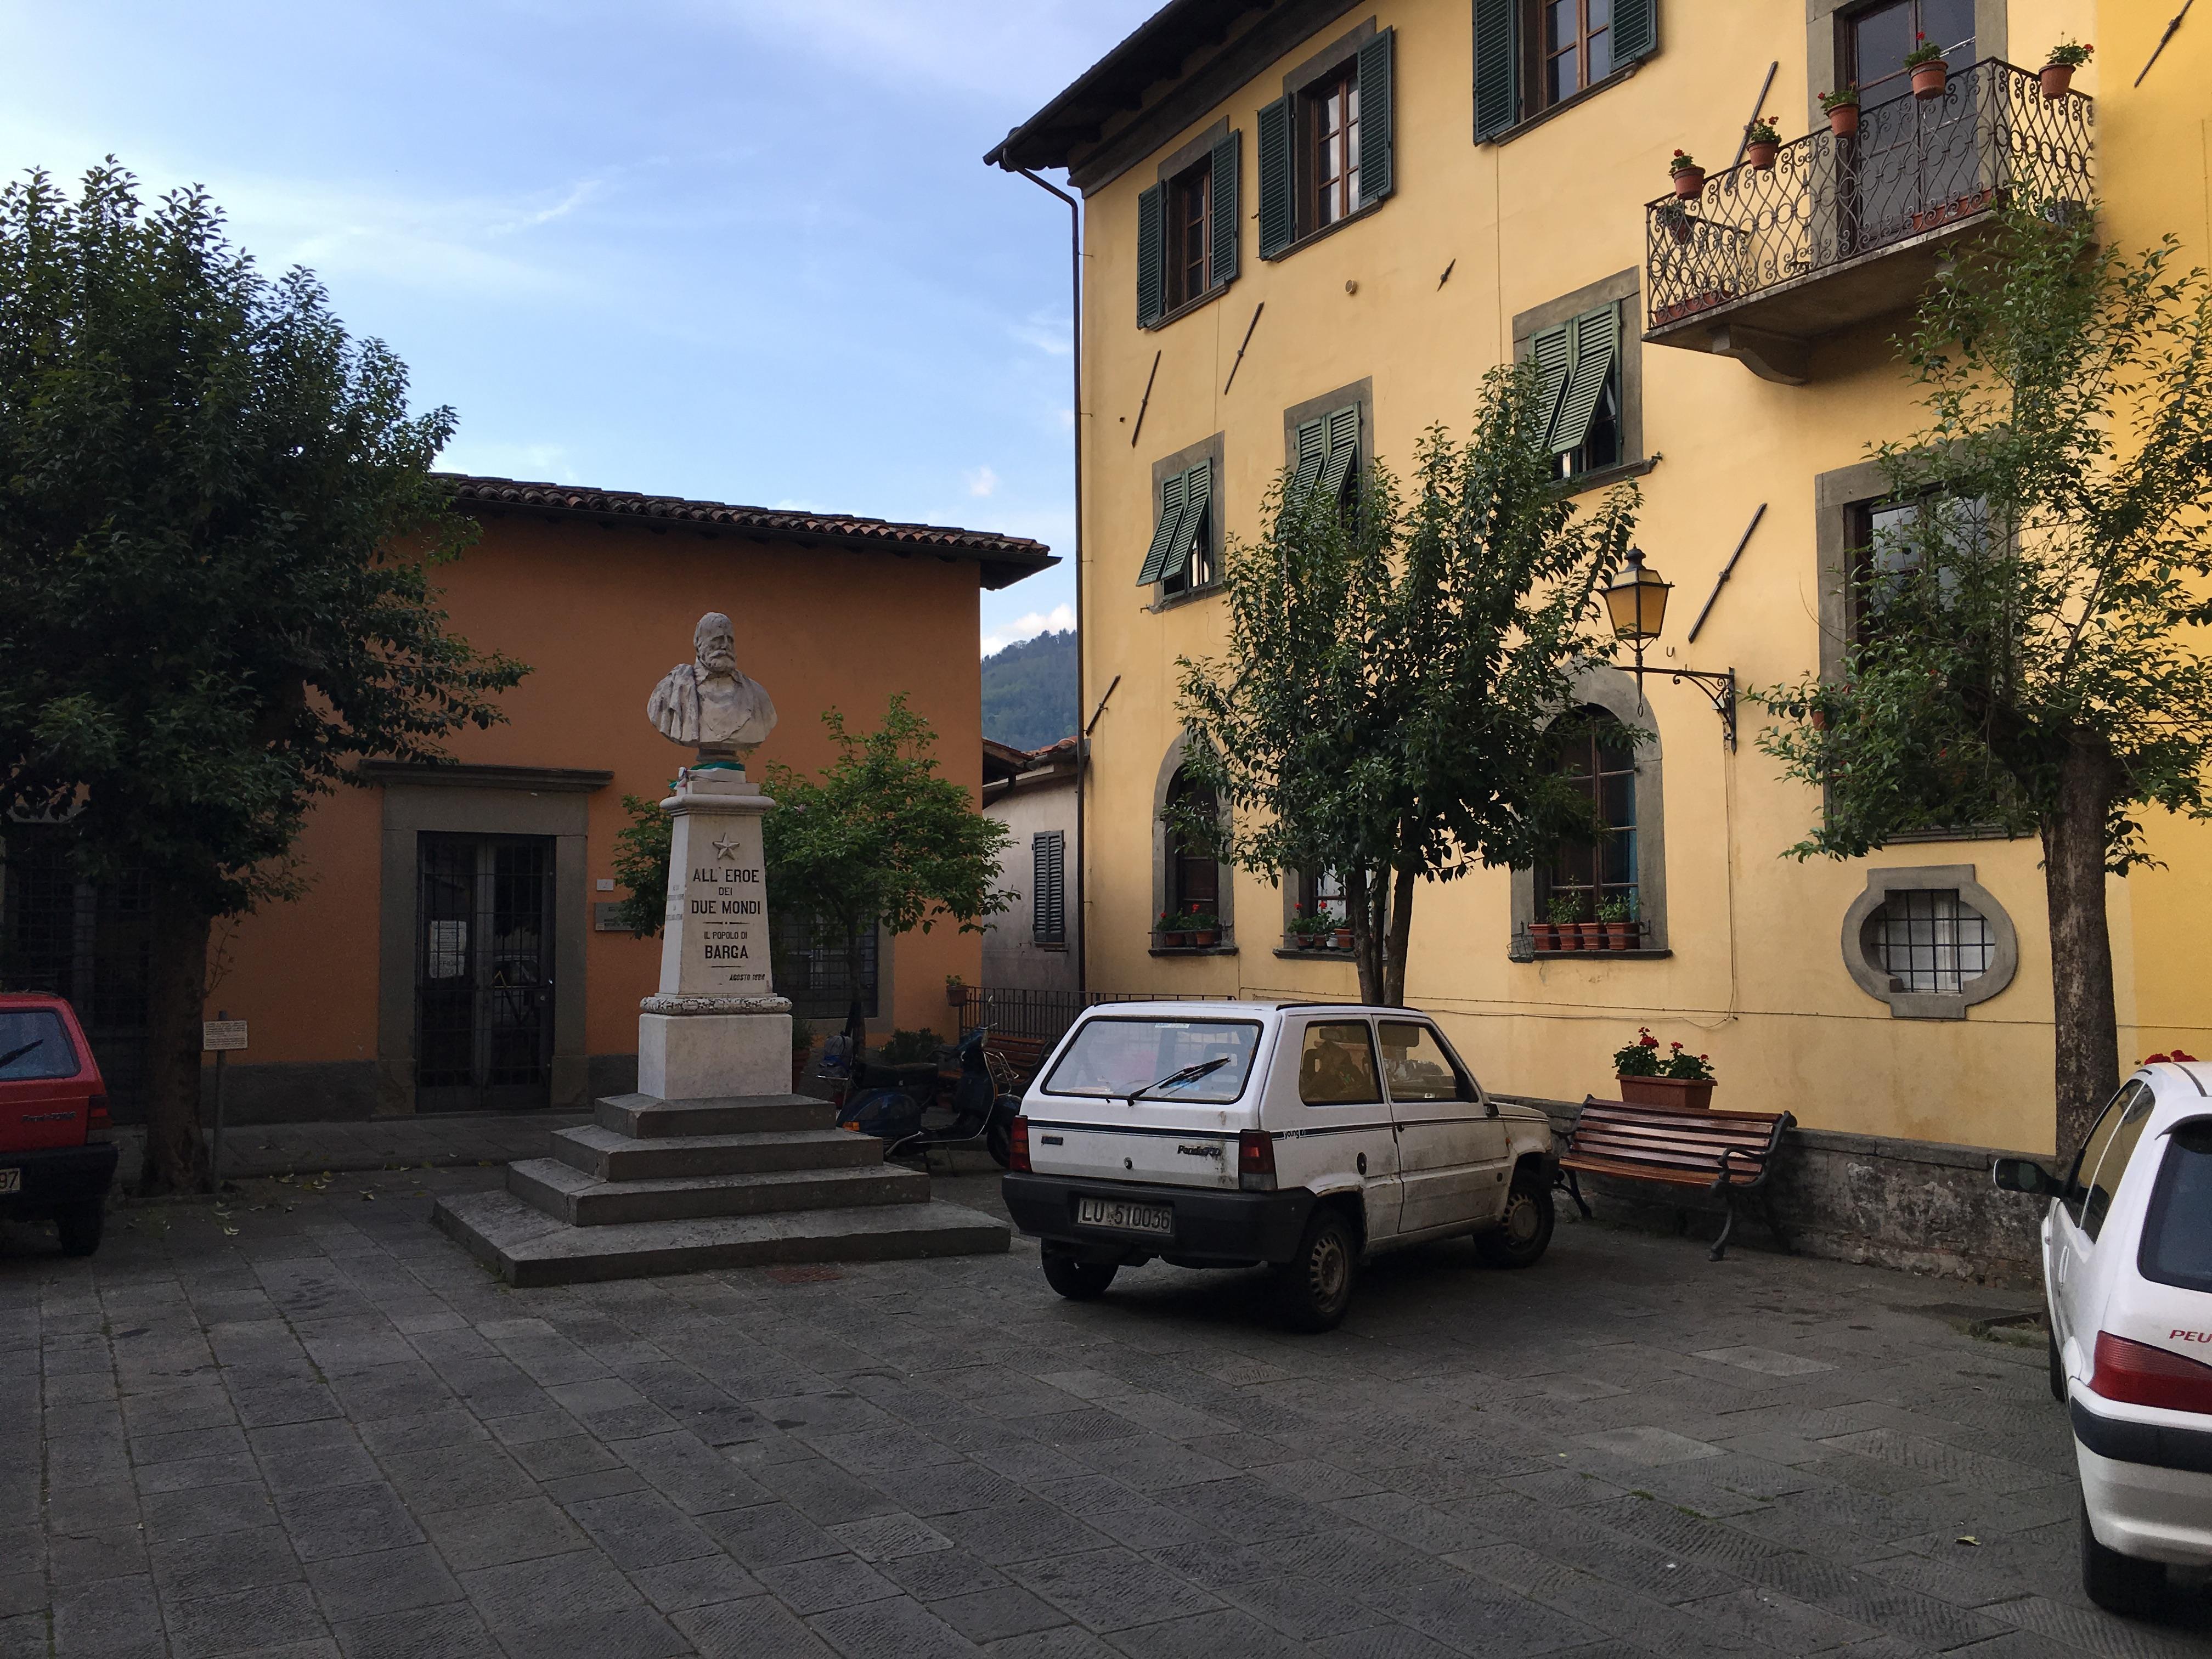 Barga, Giovanni Pascoli